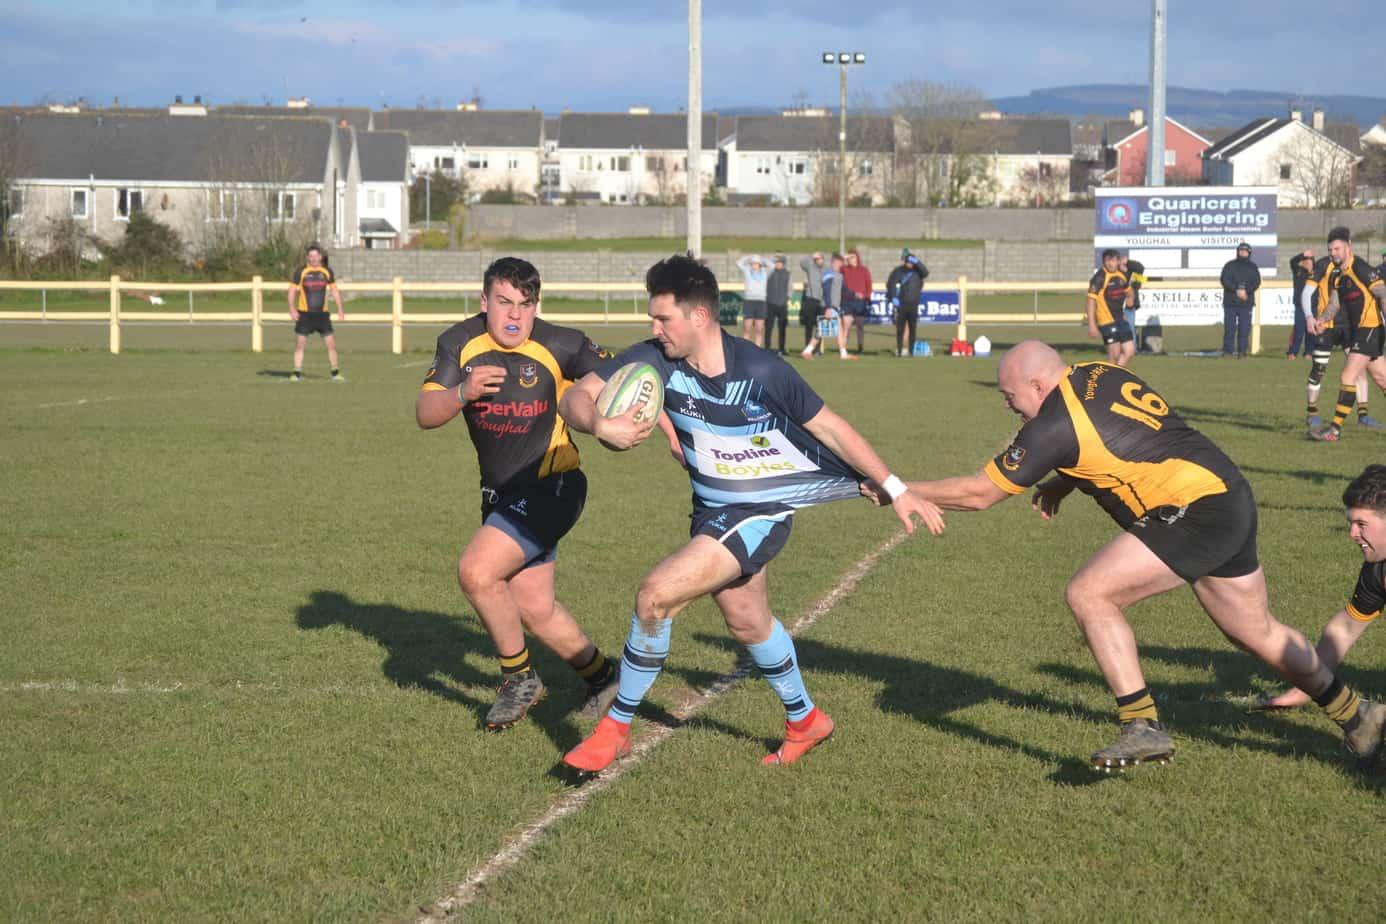 Killorglin Rugby Club